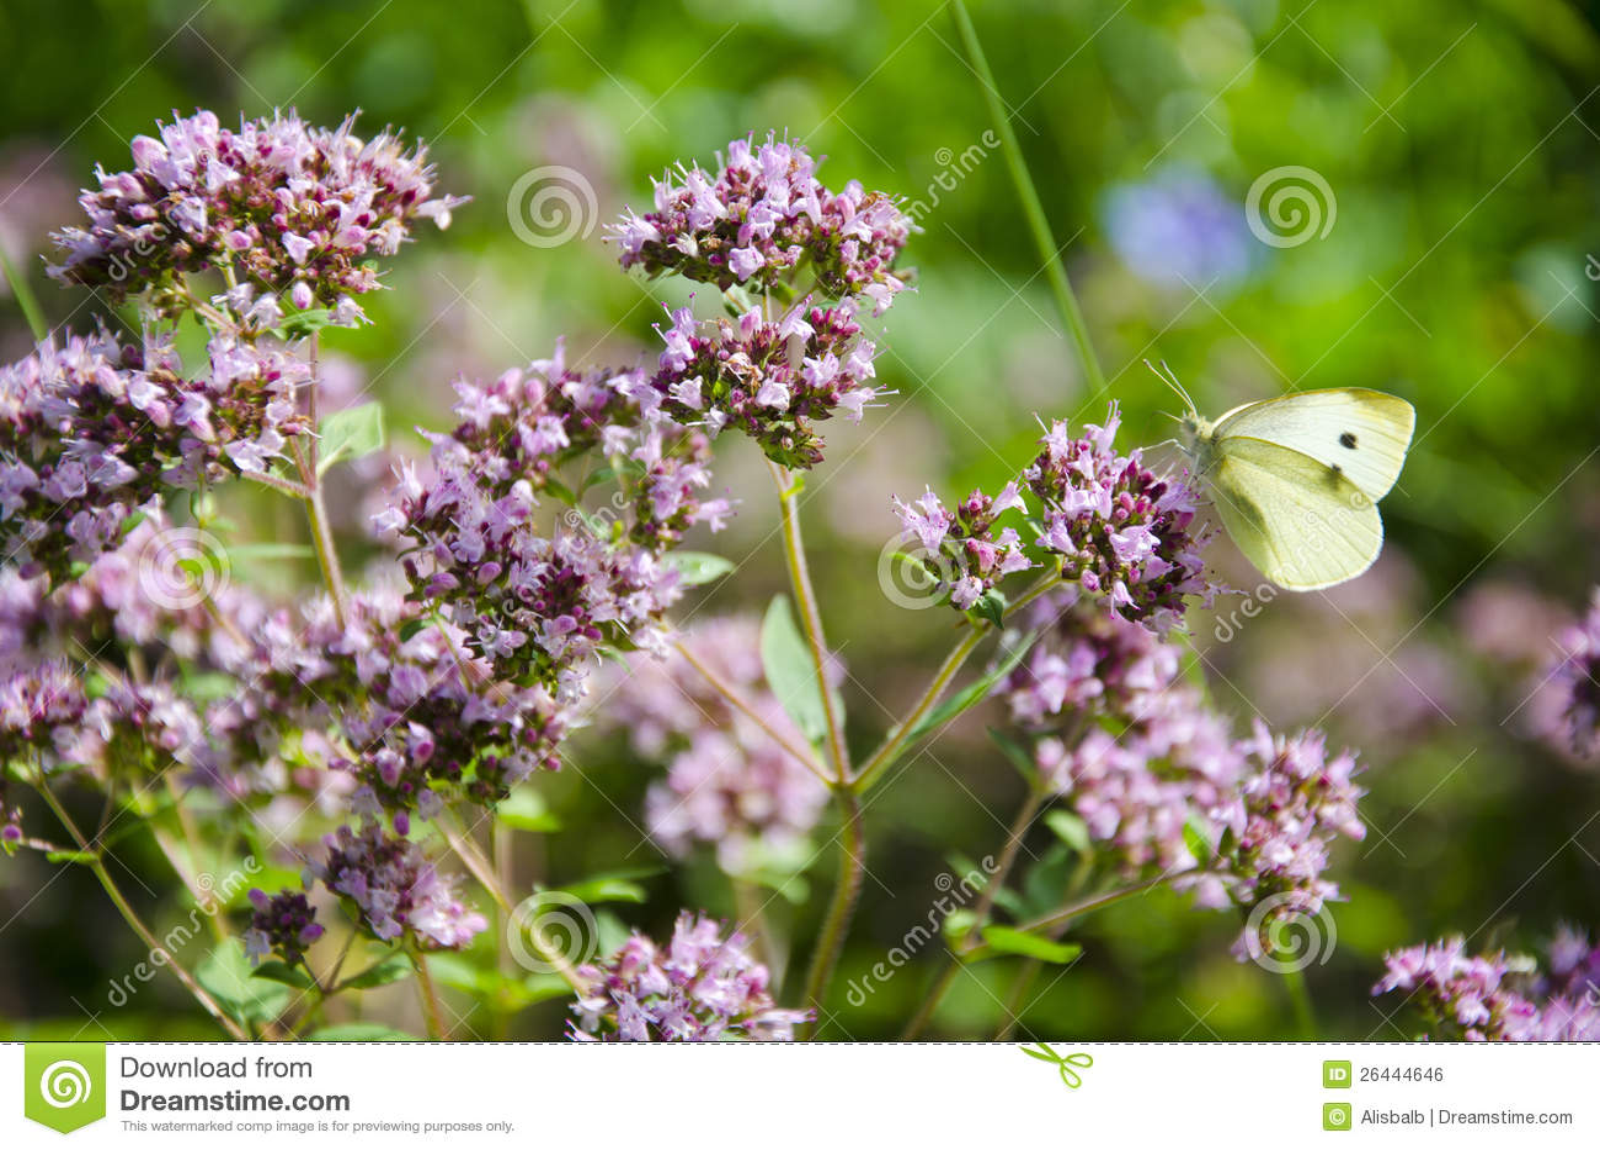 fleurs de marjolaine sauvage dans le jardin et le guindineau image libre de droits image 26444646. Black Bedroom Furniture Sets. Home Design Ideas